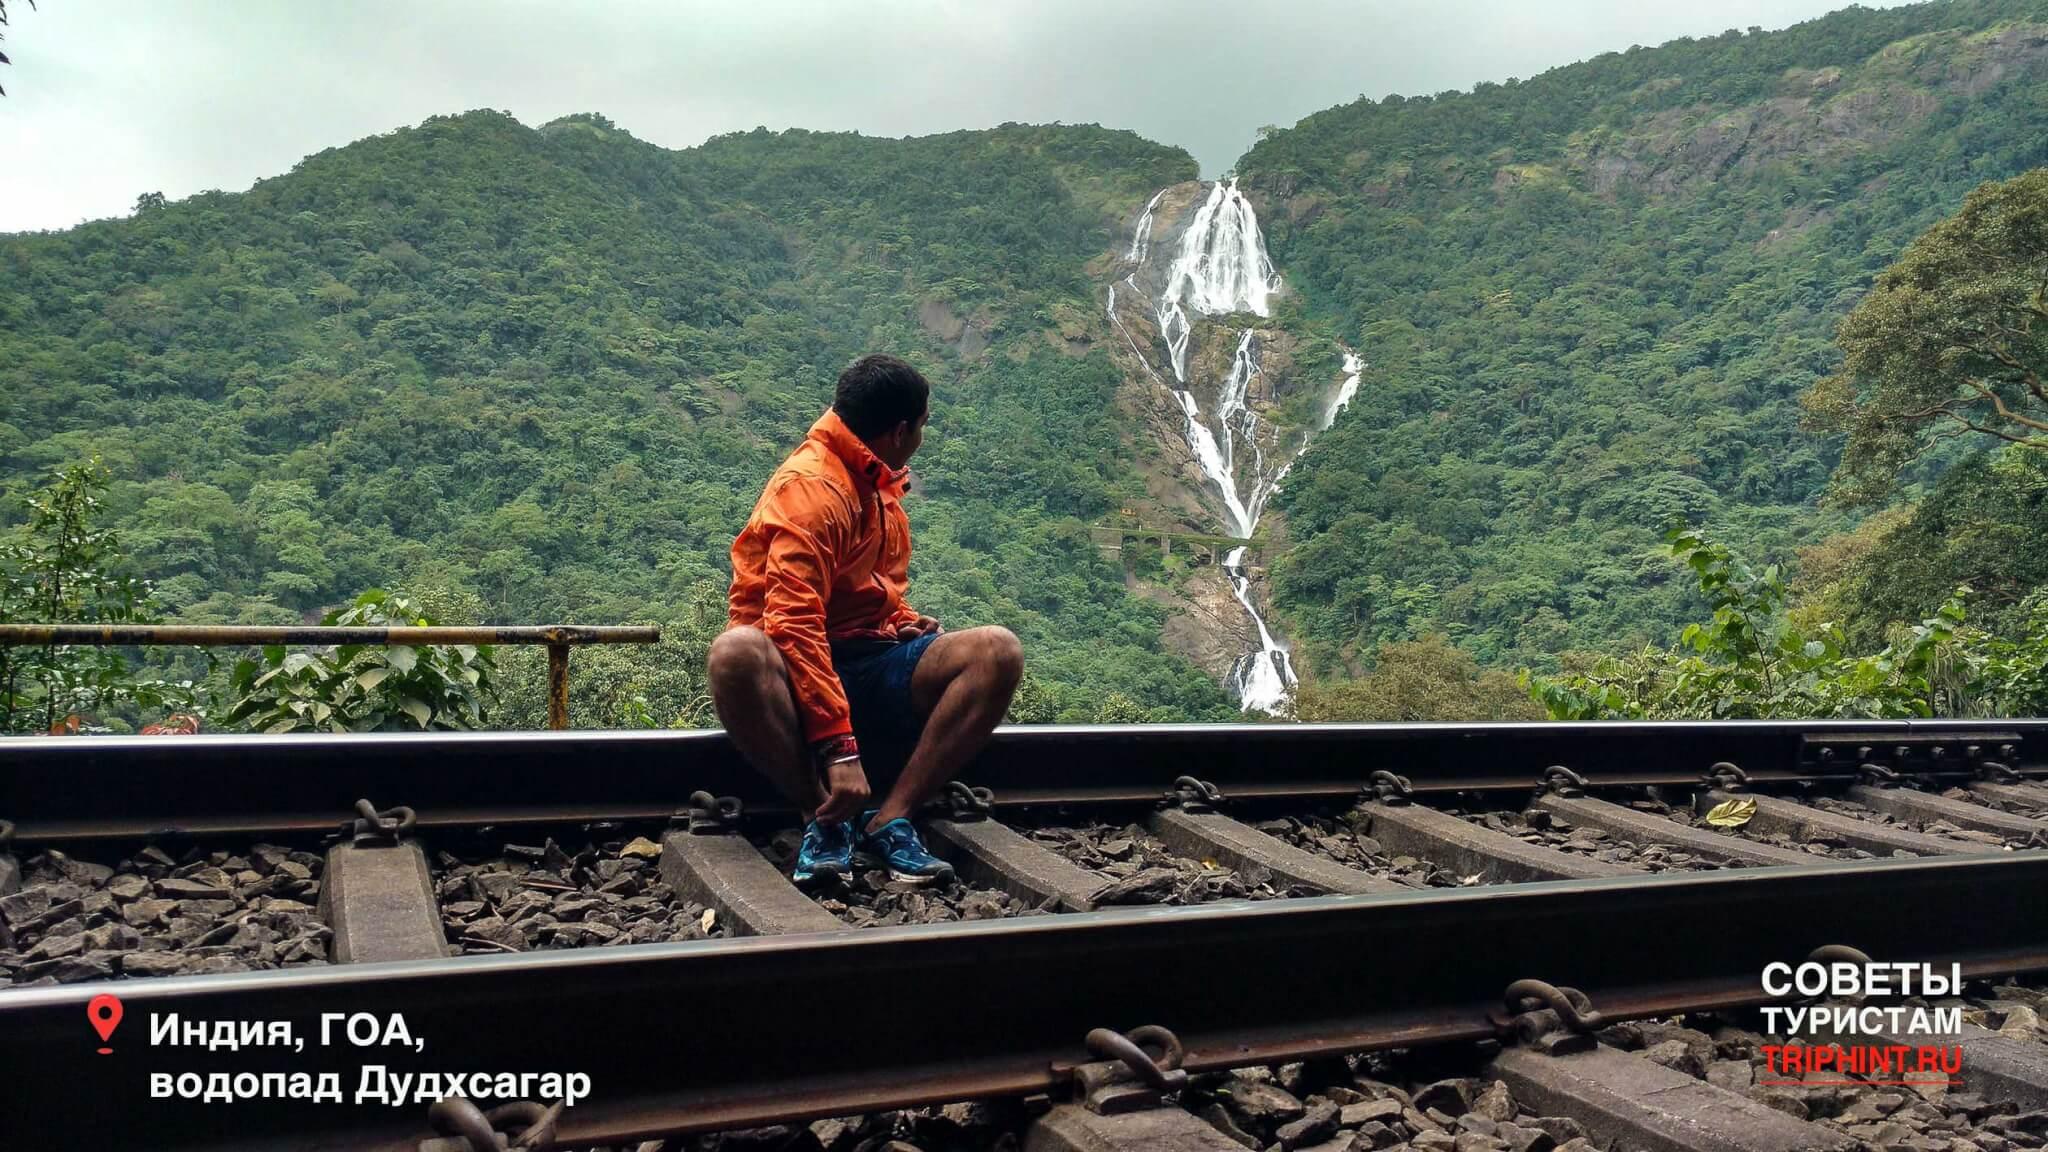 Что посетить в ГОА (Индия) - водопад Дудхсагар